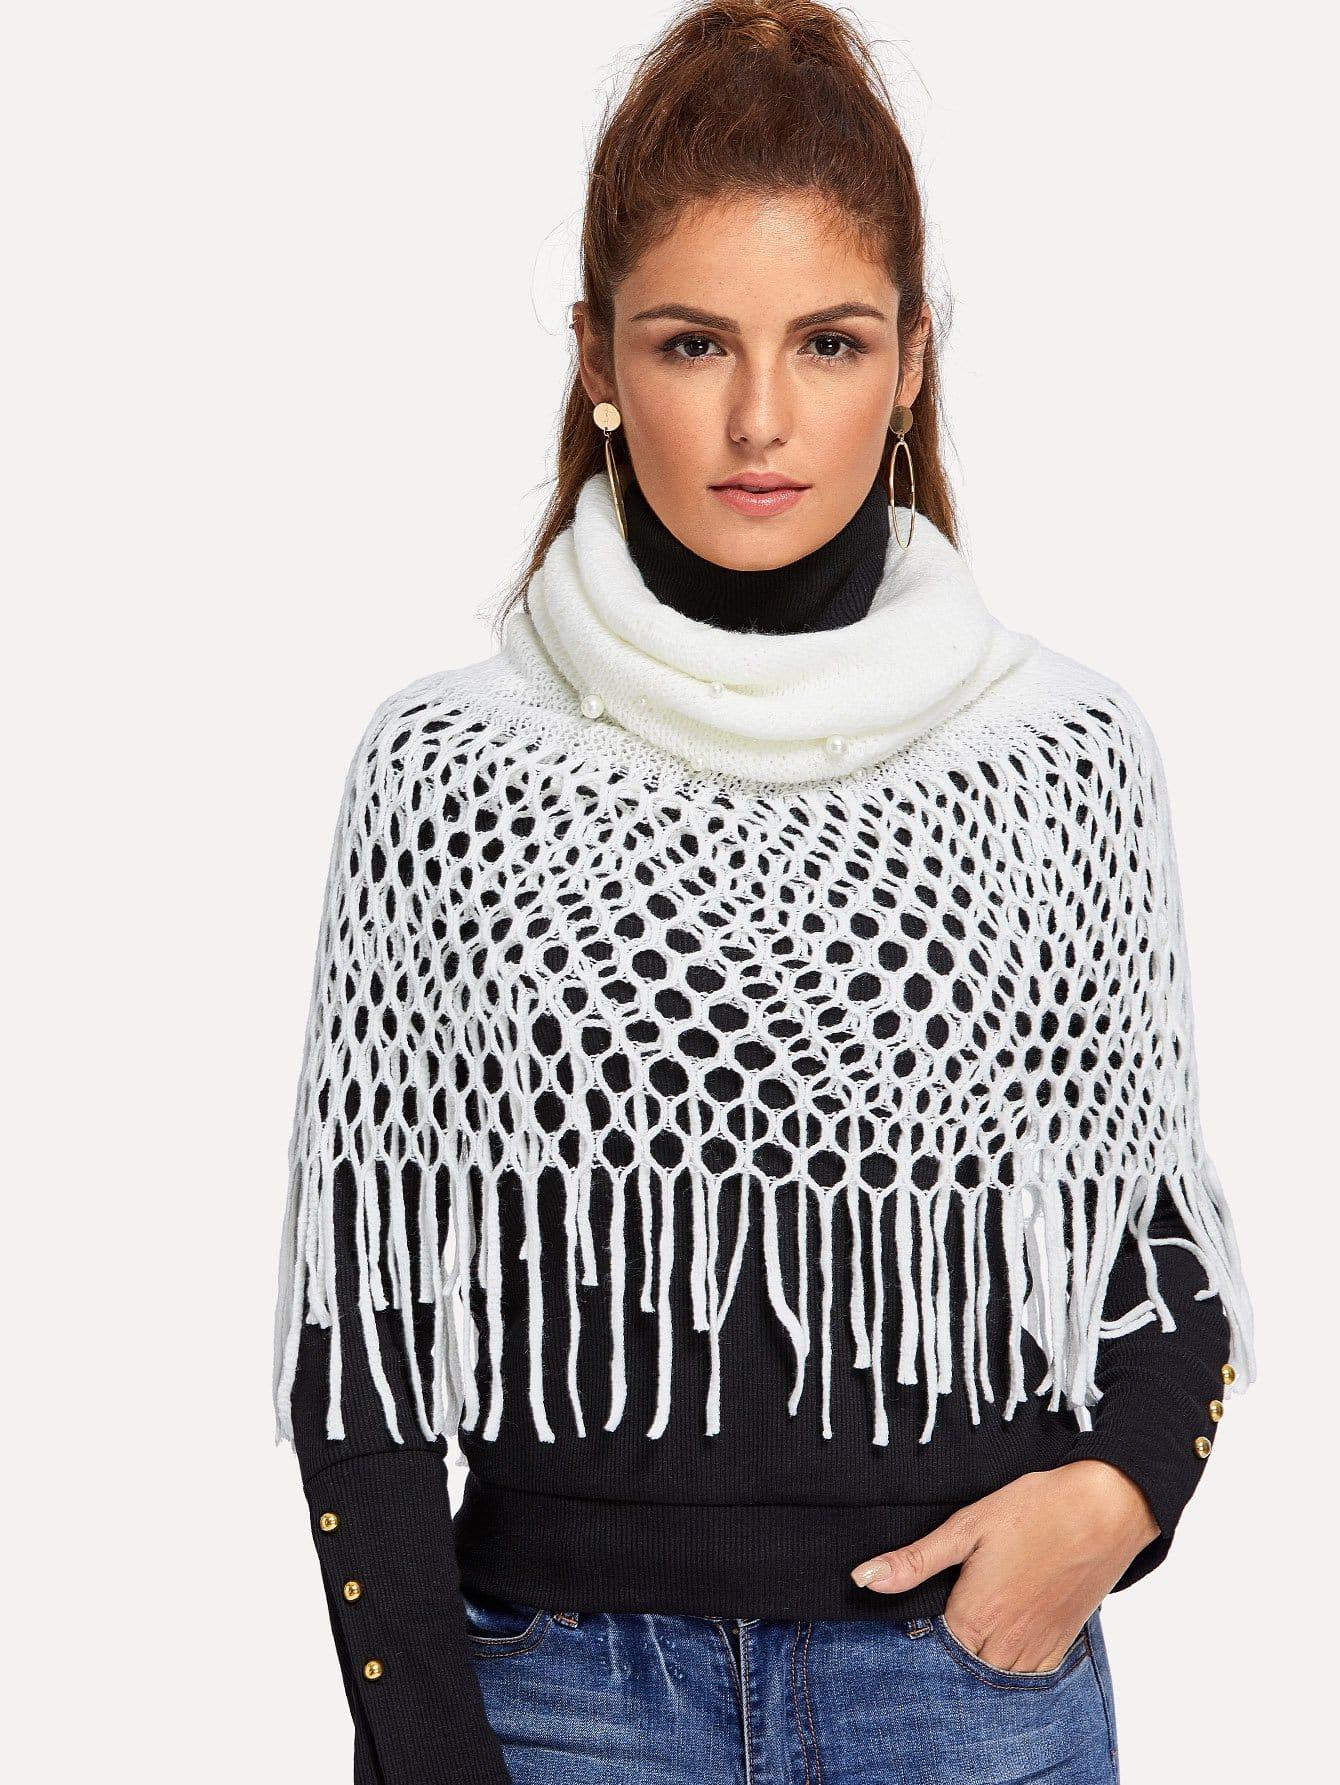 Купить Бесконечный шарф с украшением искусственных жемчугов, null, SheIn